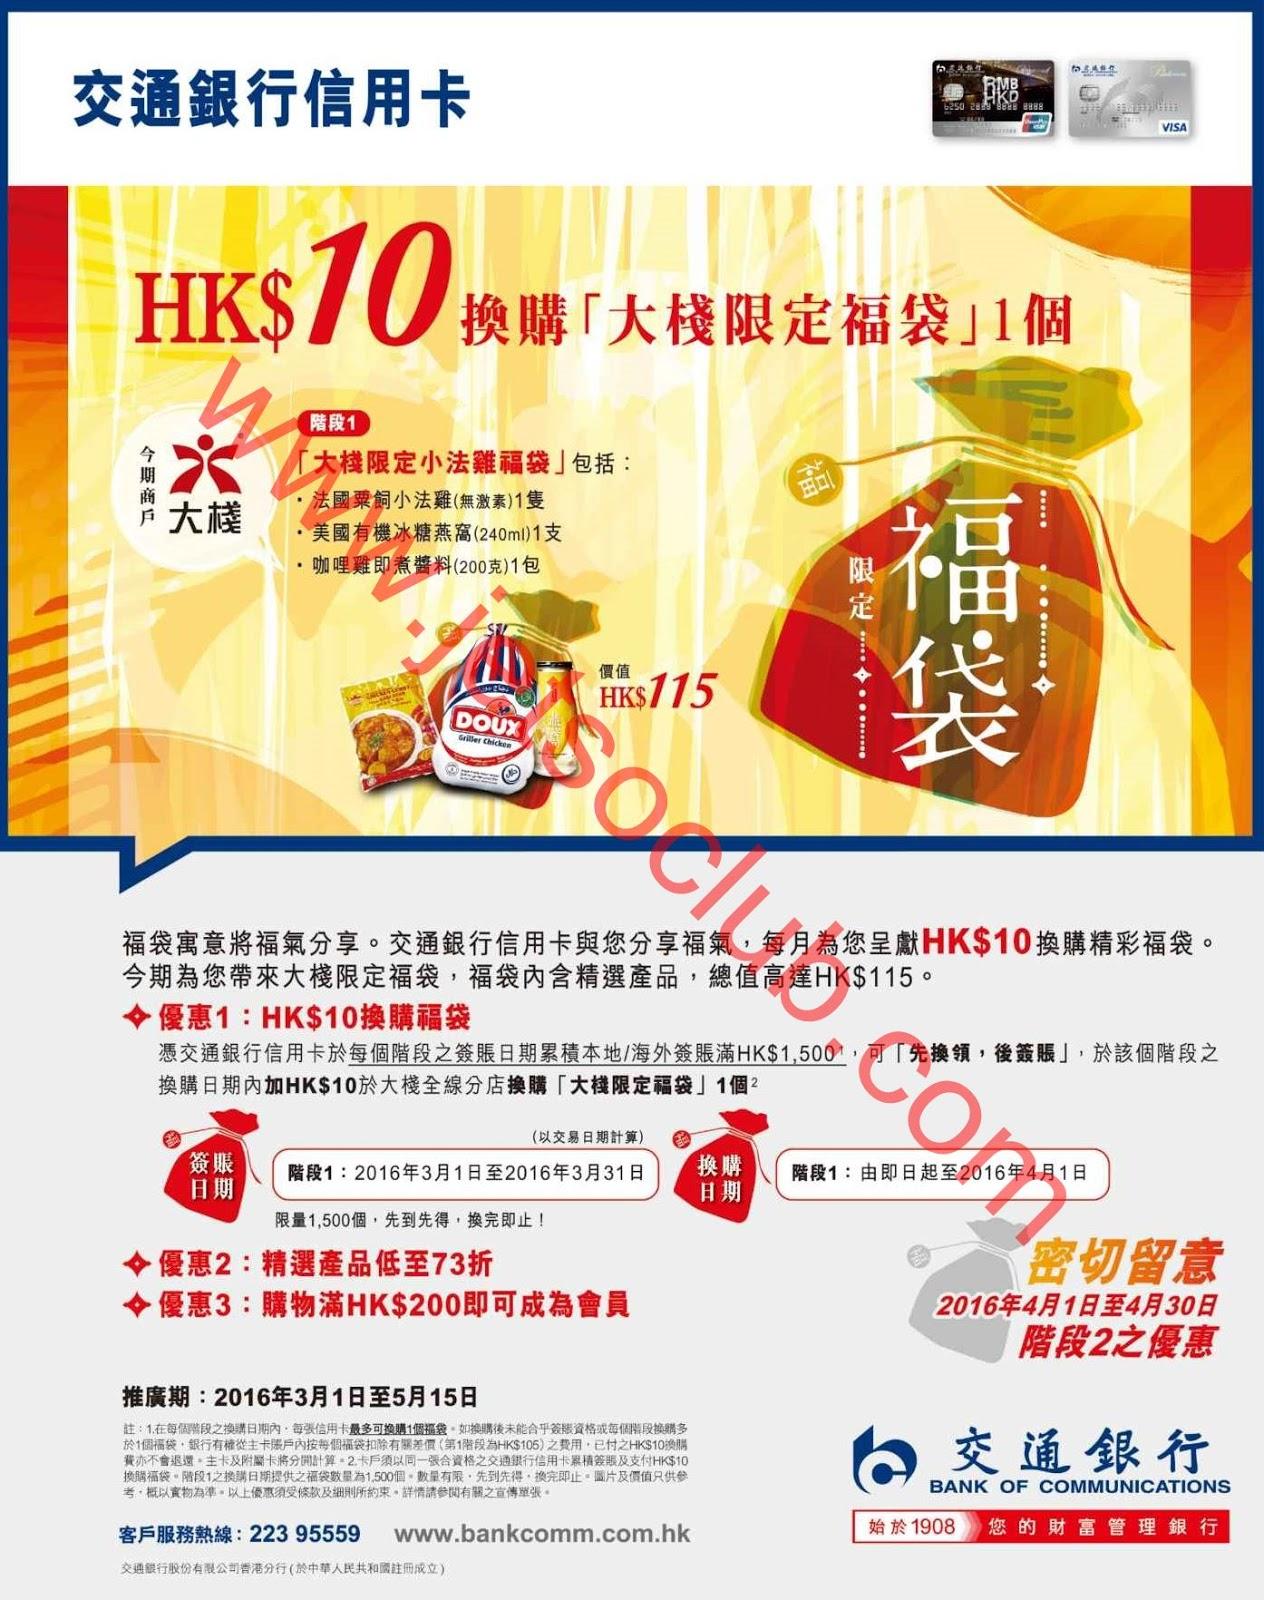 交通銀行信用卡:$10換購大棧限定福袋(至31/3) ( Jetso Club 著數俱樂部 )